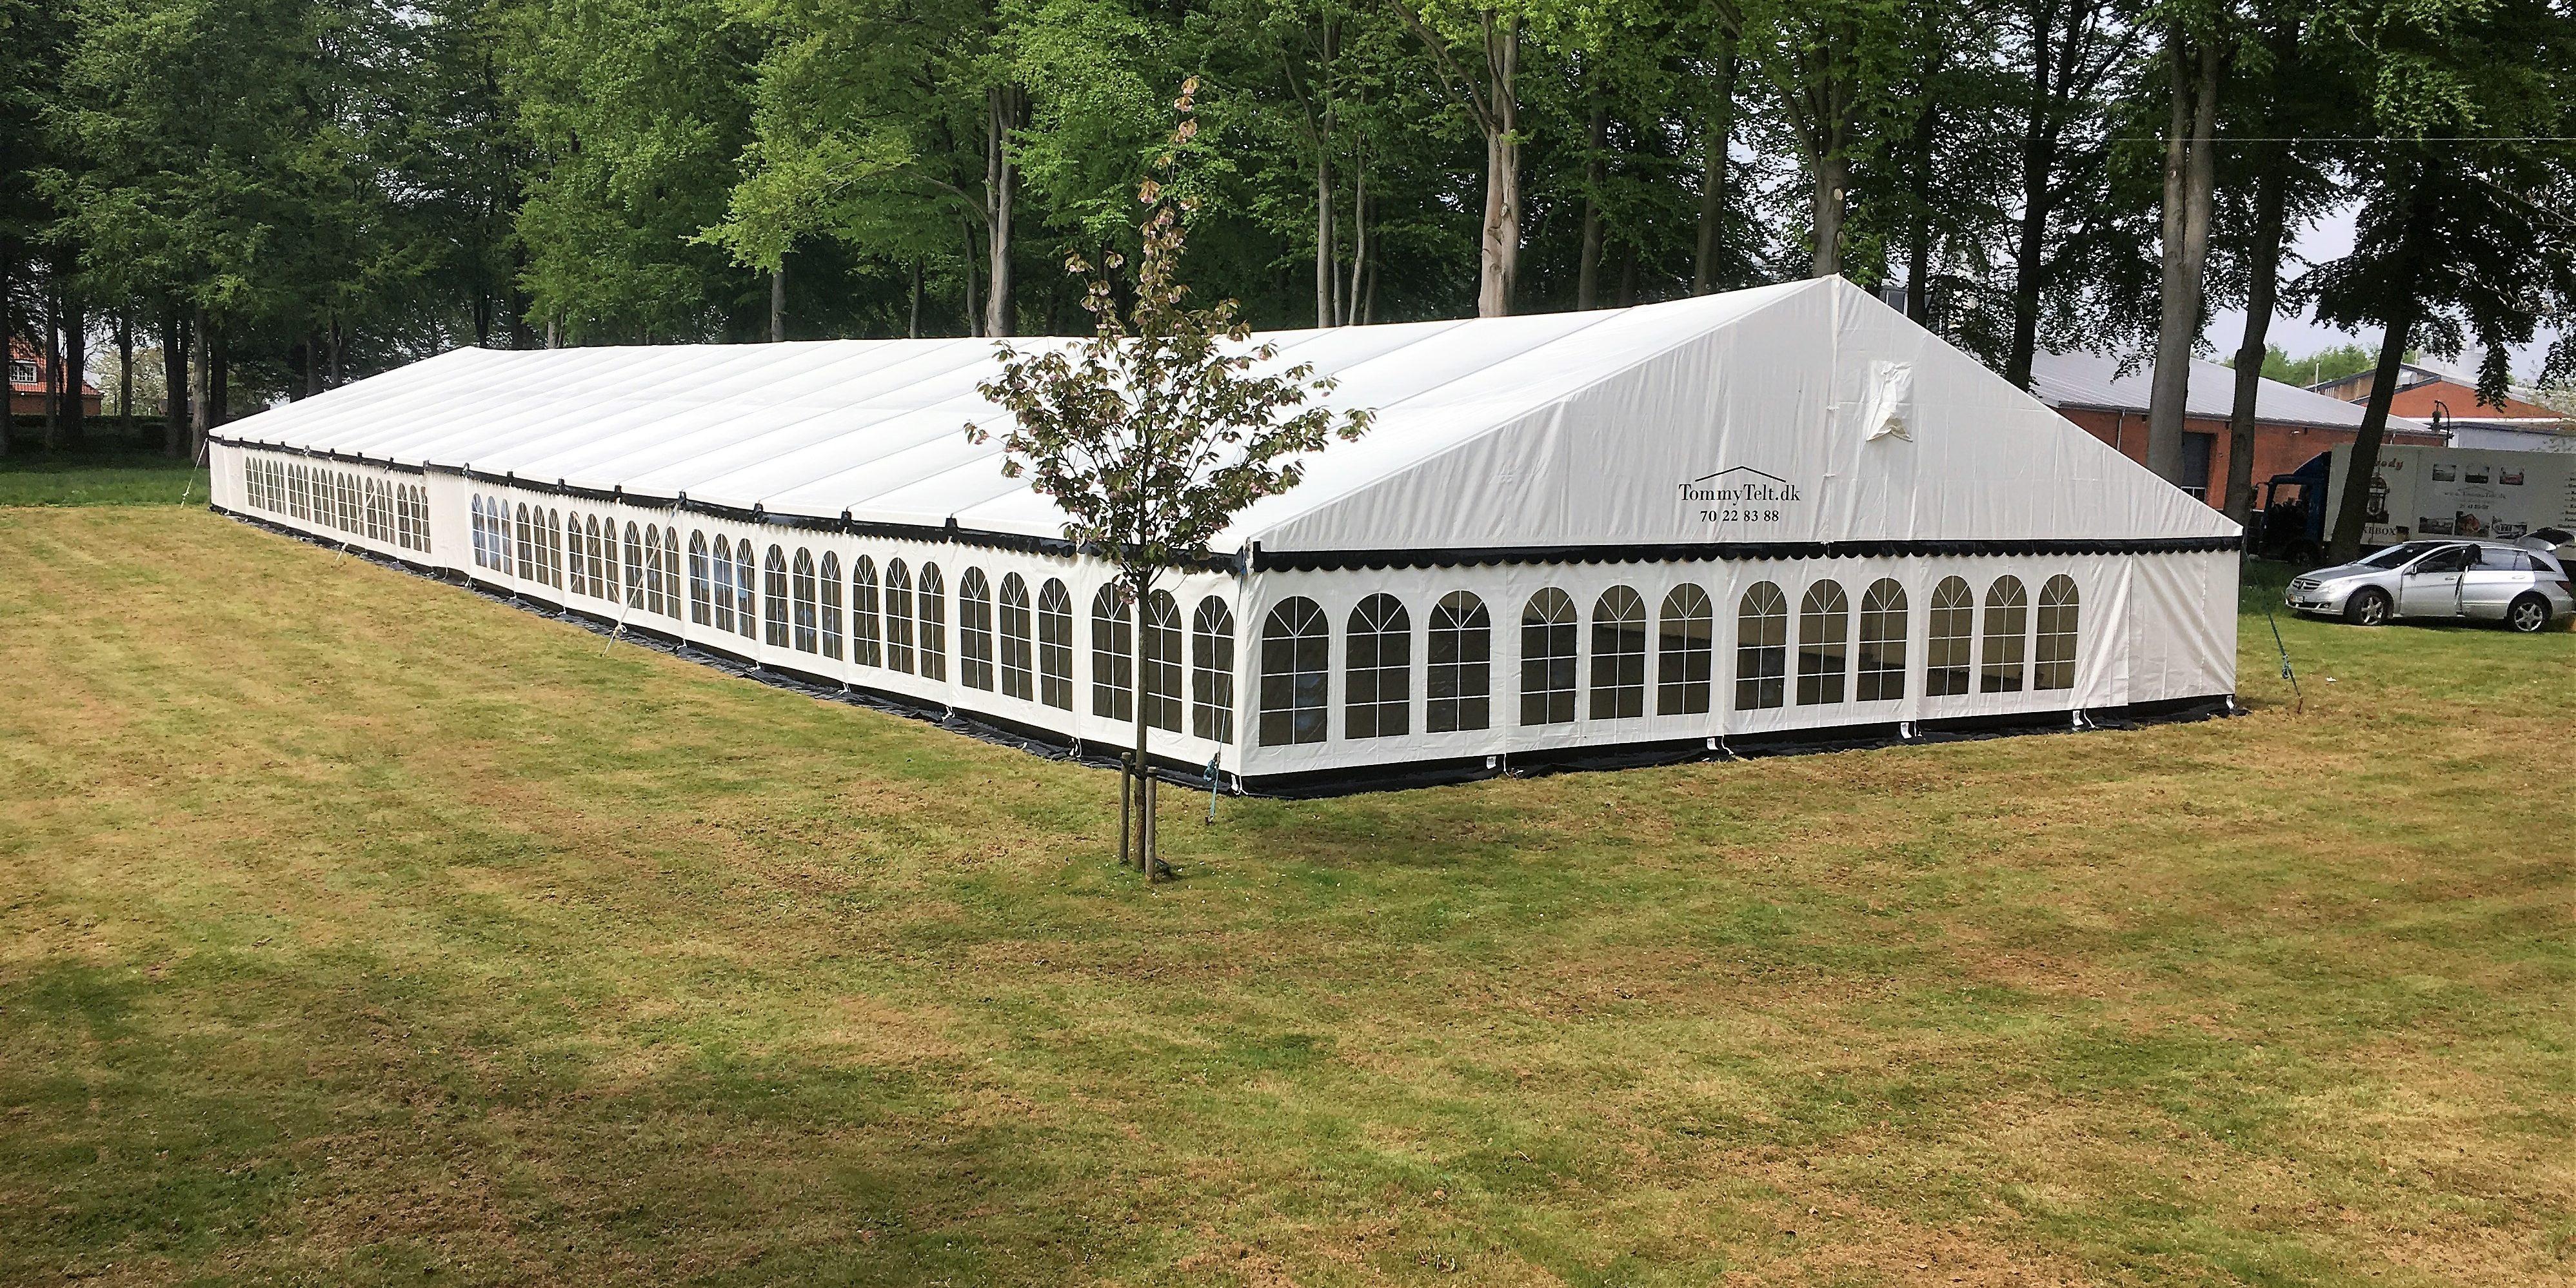 Du kan nemt leje dit telt til personalefesten gennem TommyTelt.